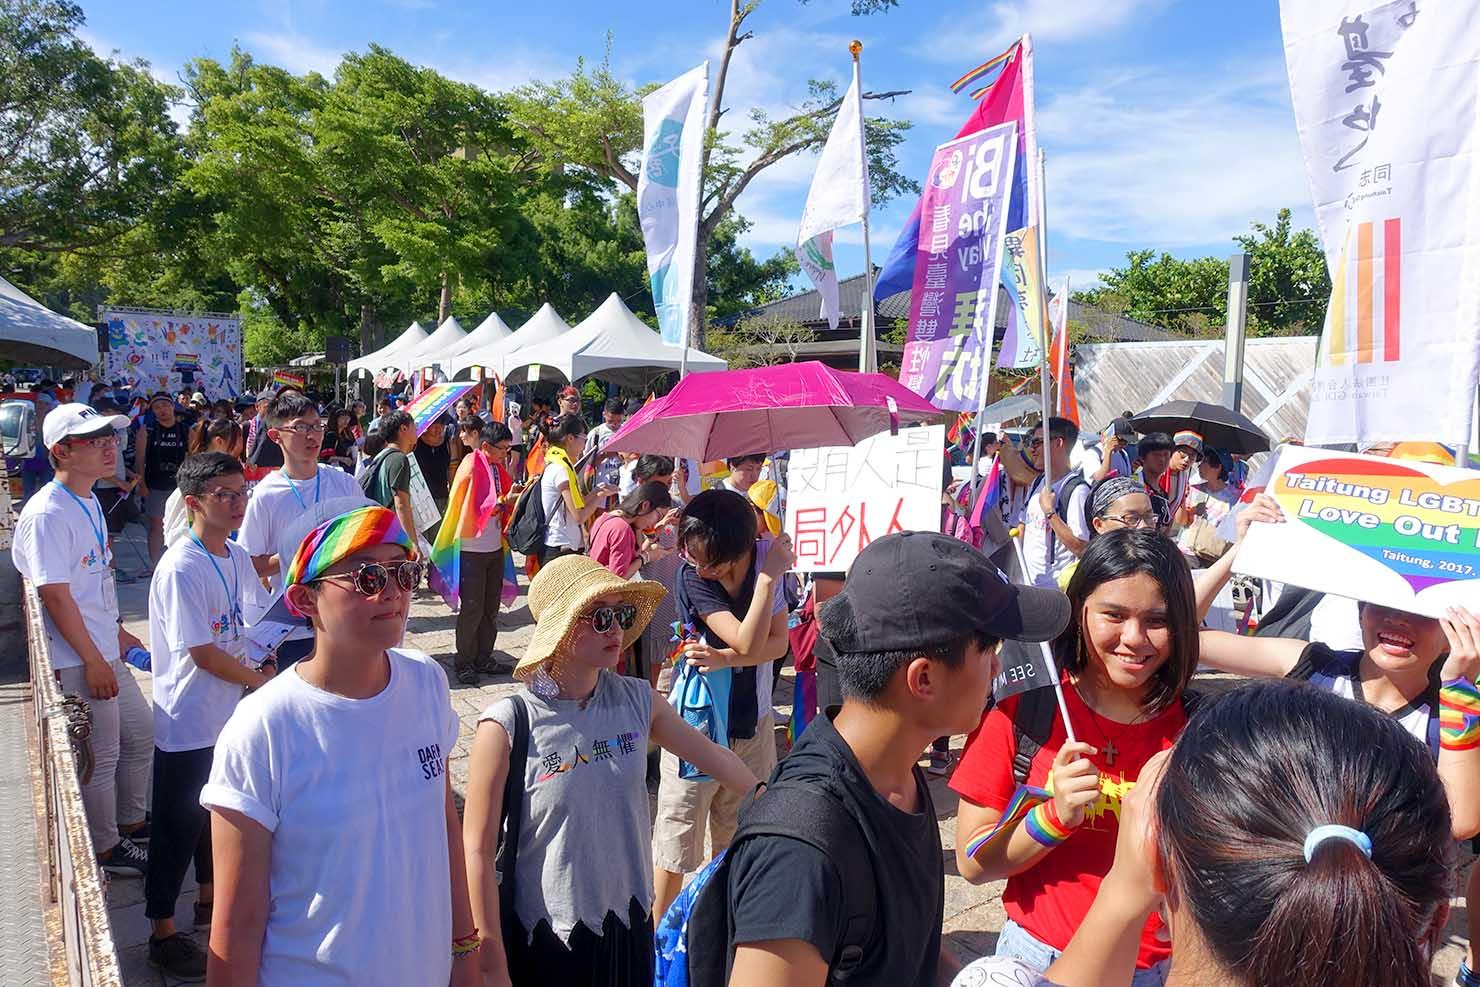 台湾東部のLGBTプライド「花東彩虹嘉年華」パレード出発前の台東会場